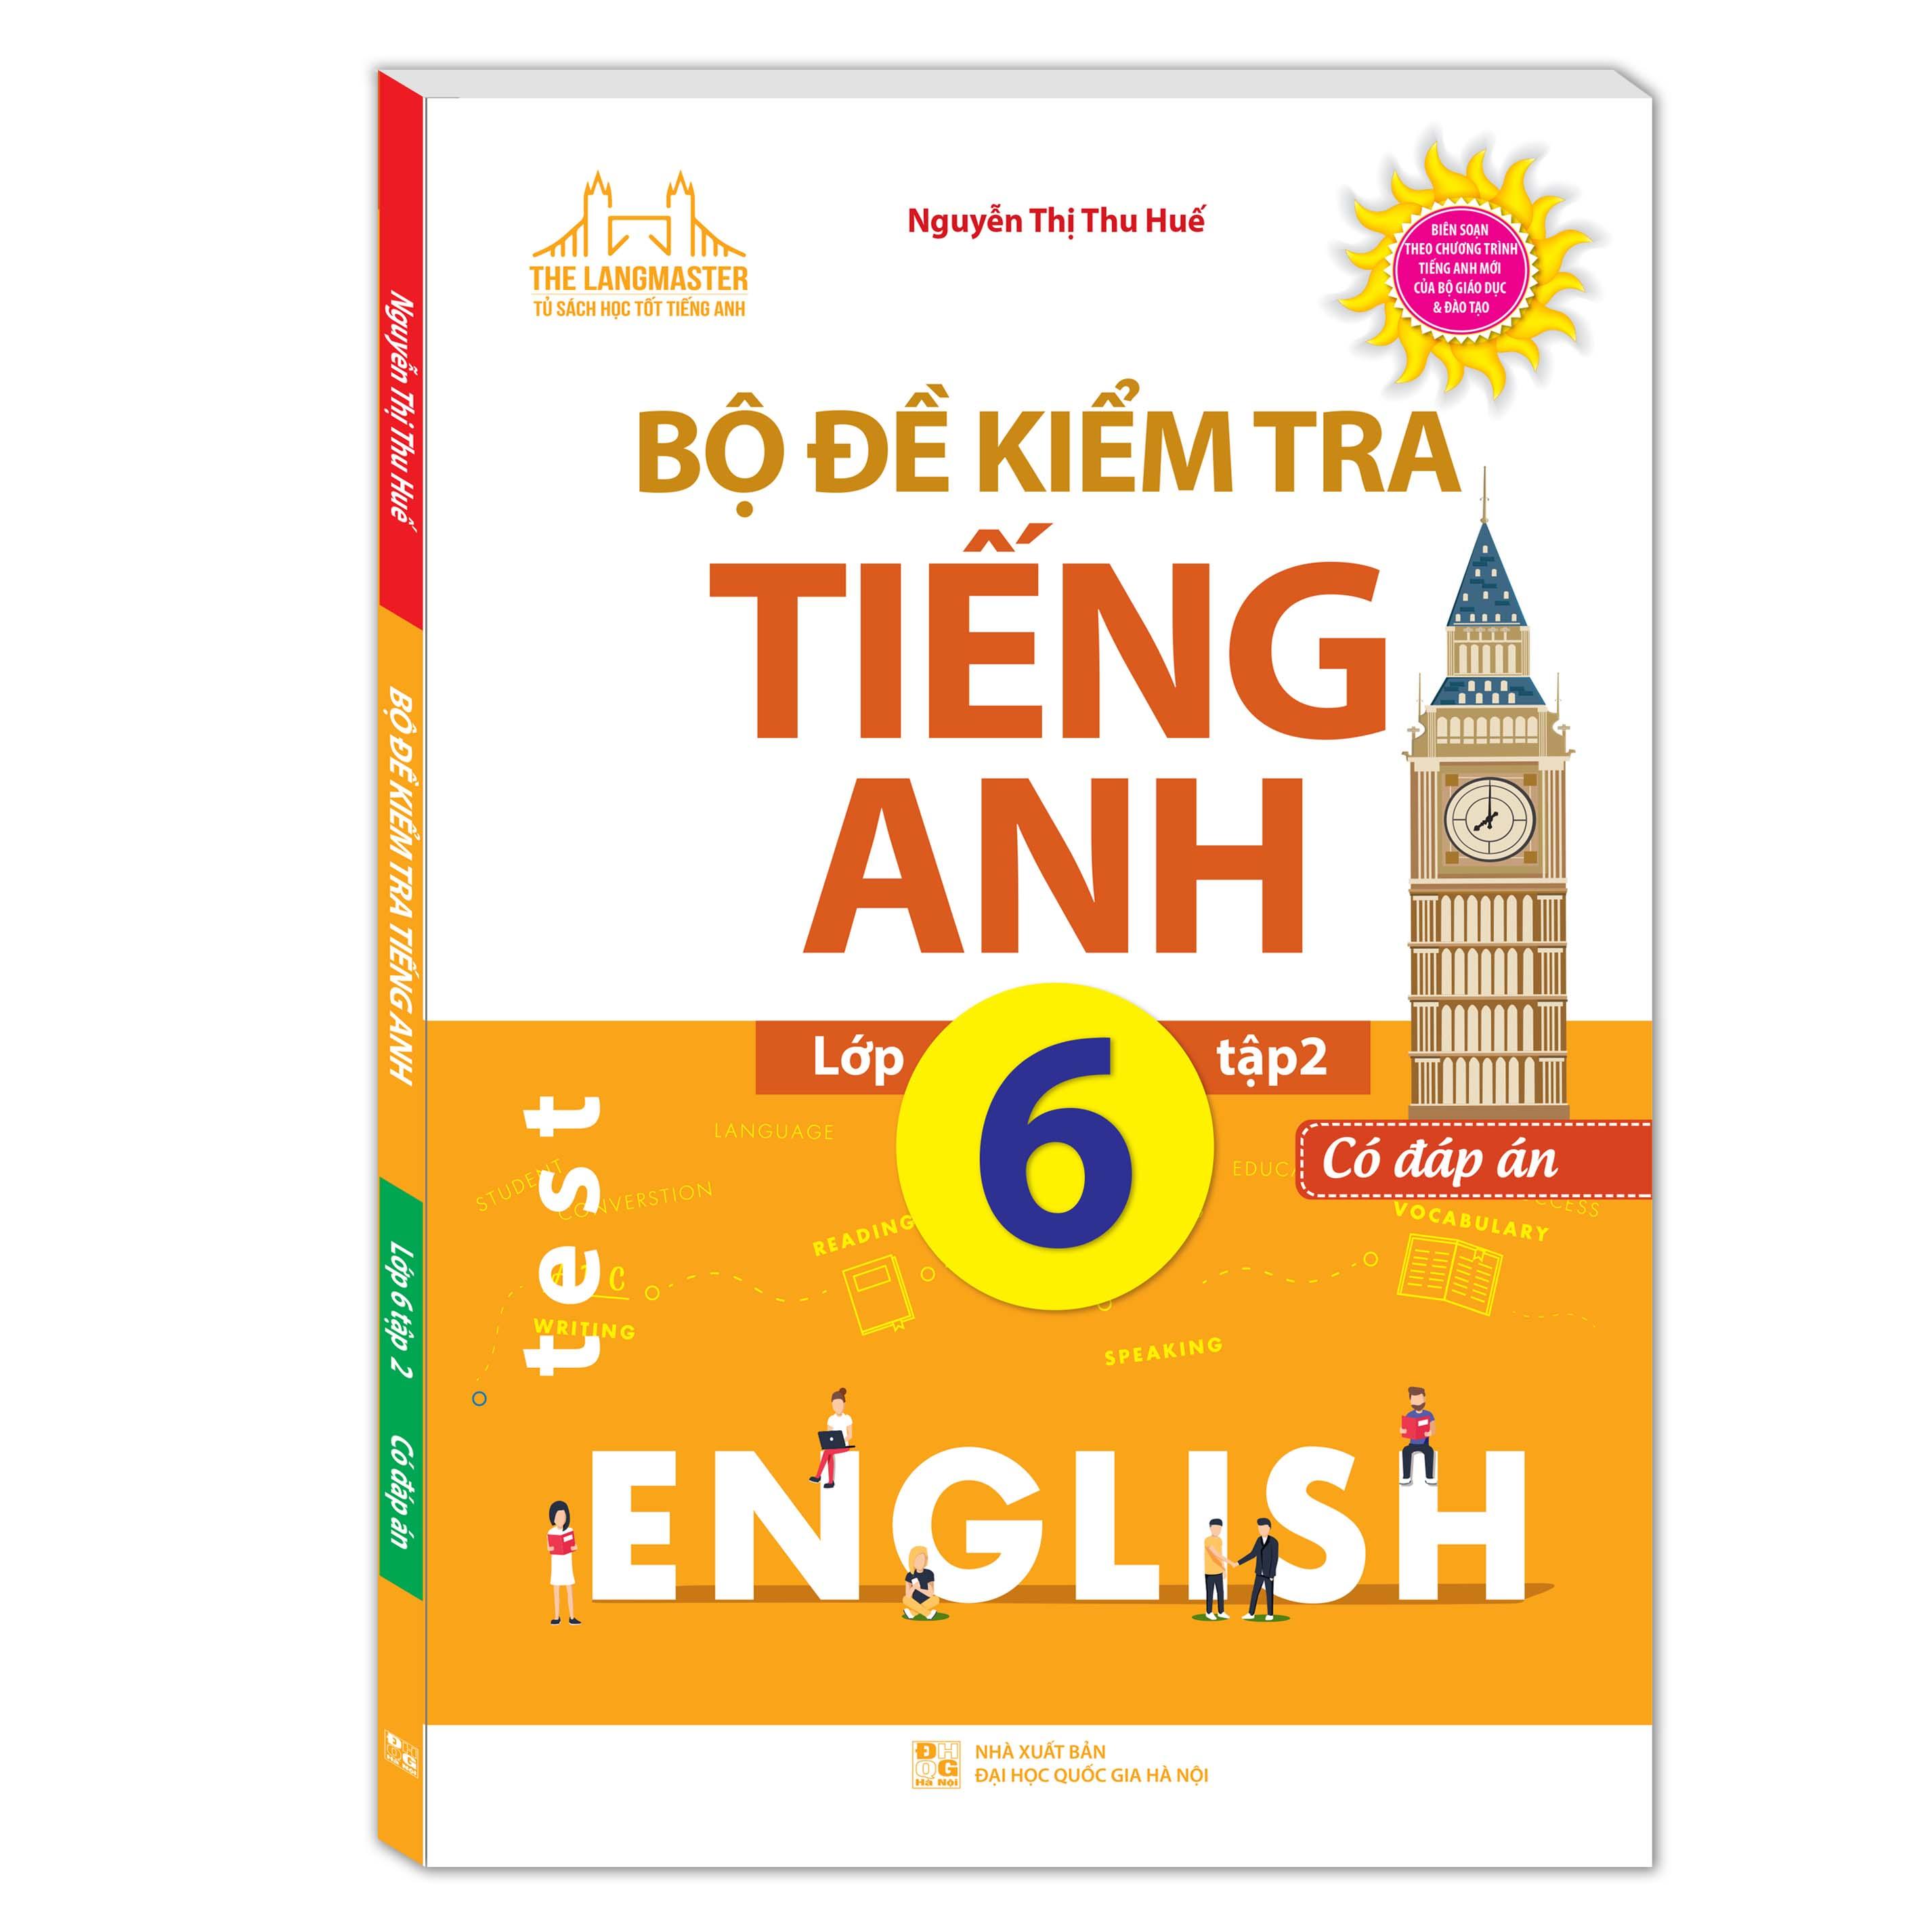 Bộ Đề Kiểm Tra Tiếng Anh Lớp 62 Có Đáp Án